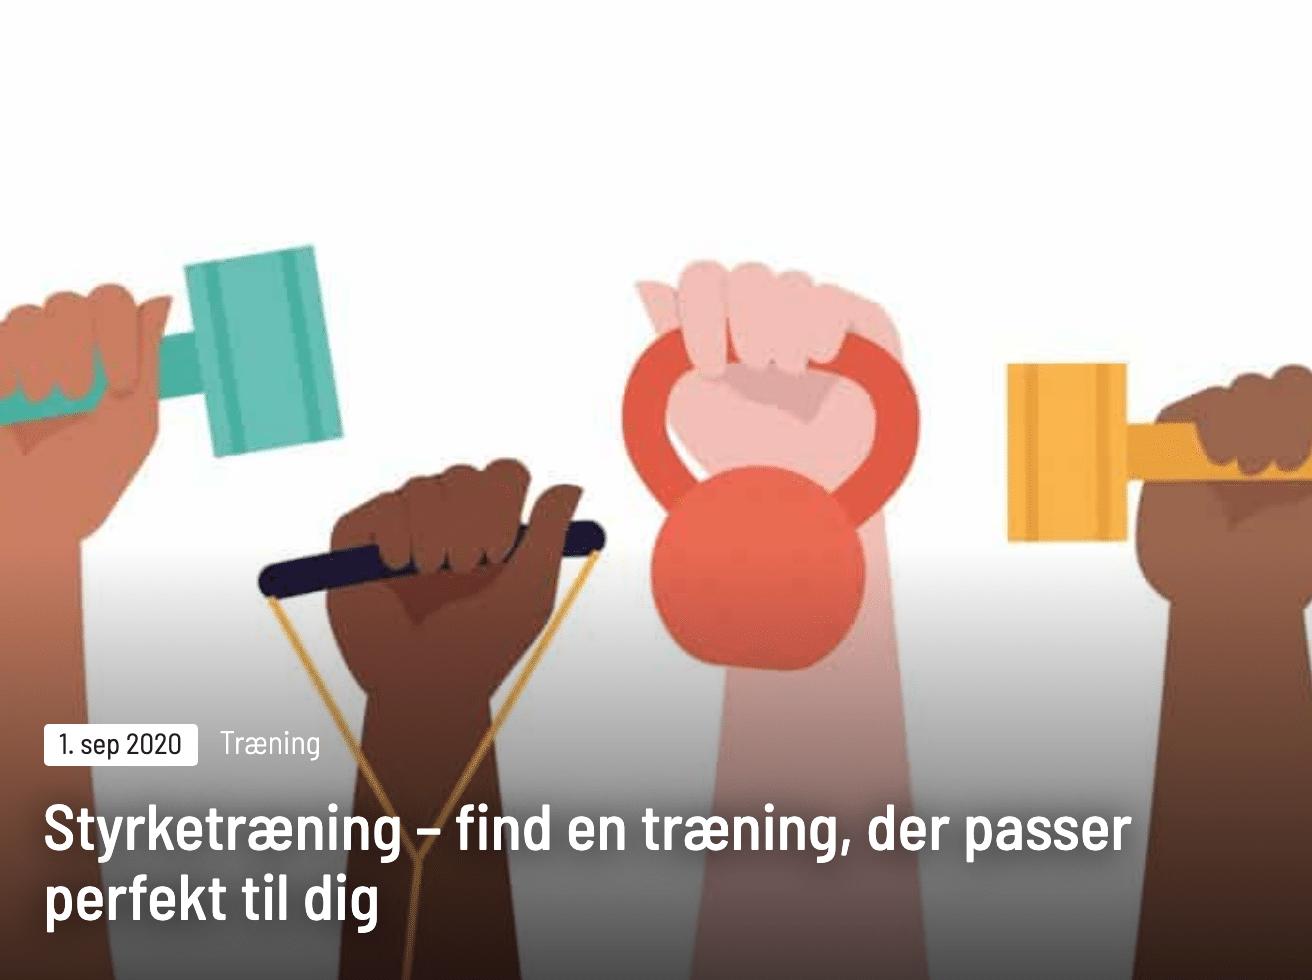 Find en træning, der passer til dig